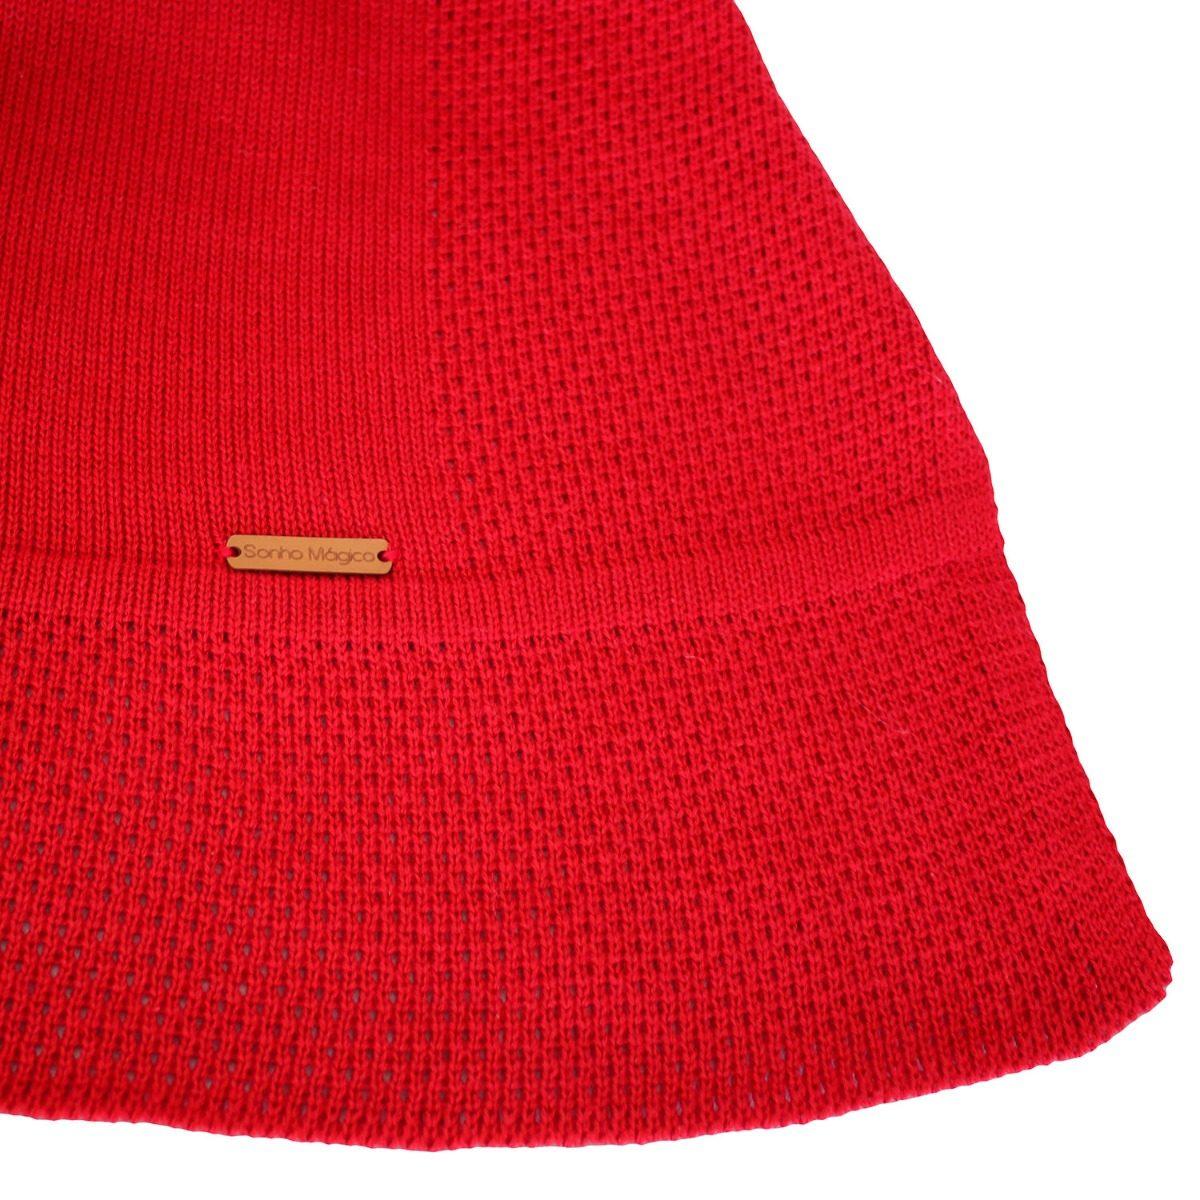 f4daaeff994d8 saída de maternidade sonho mágico masculina tricô vermelho. Carregando zoom.